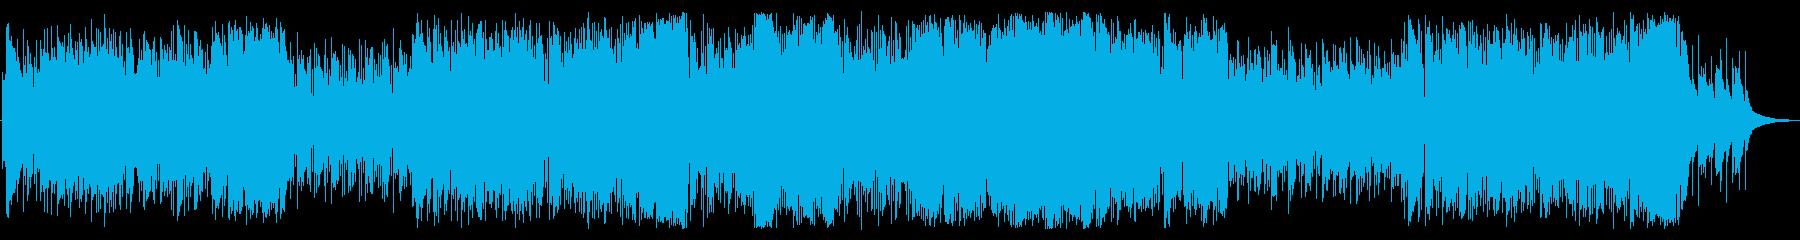 爽快・アクション系フィールド曲(ループ)の再生済みの波形